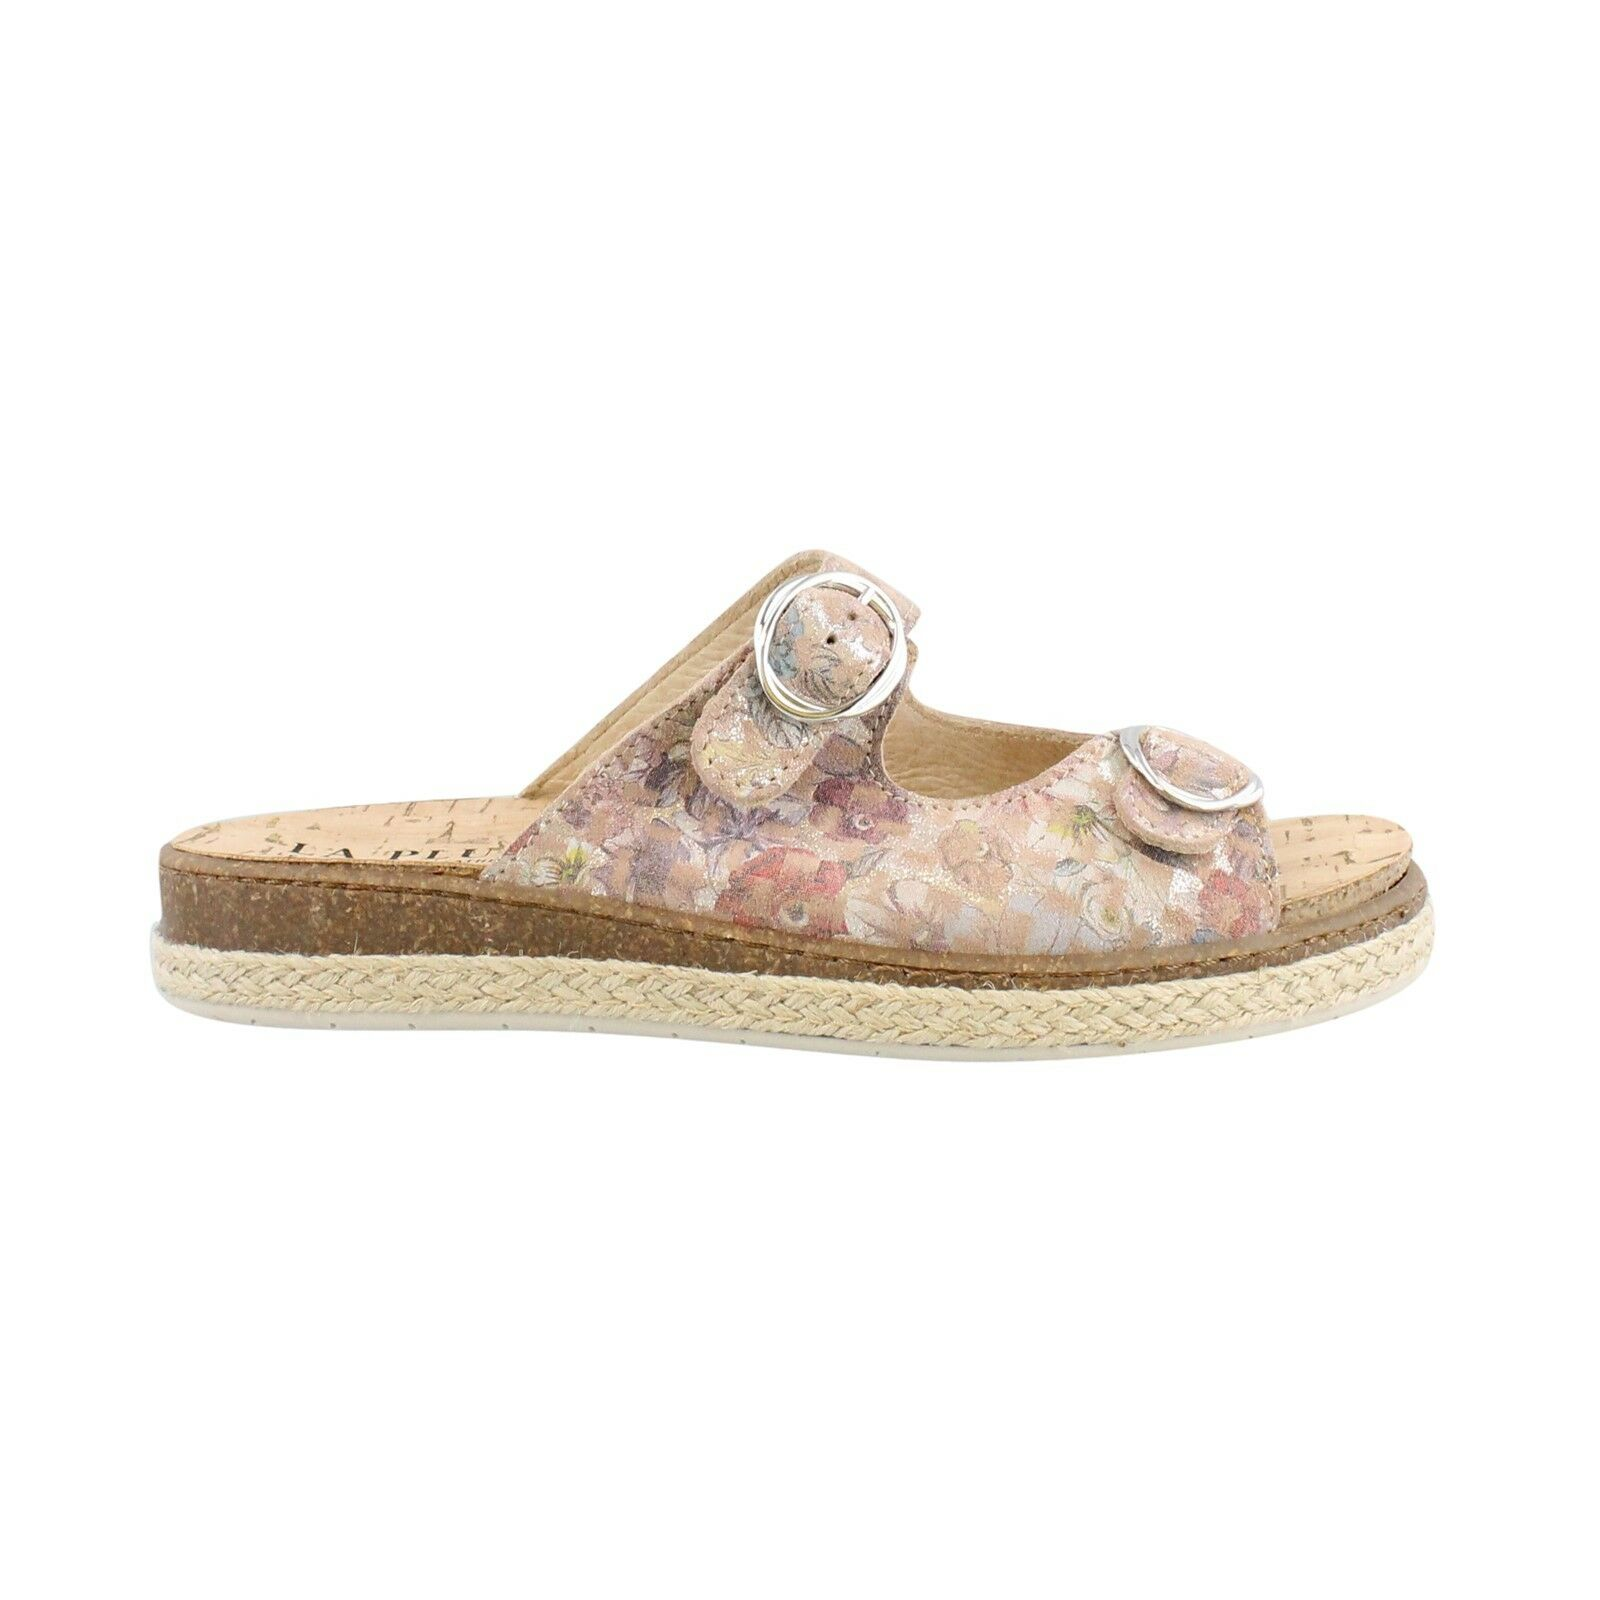 La  Plume Jewel Sandals Leather donna Slide scarpe Low Heel Dimensione 38  grandi prezzi scontati